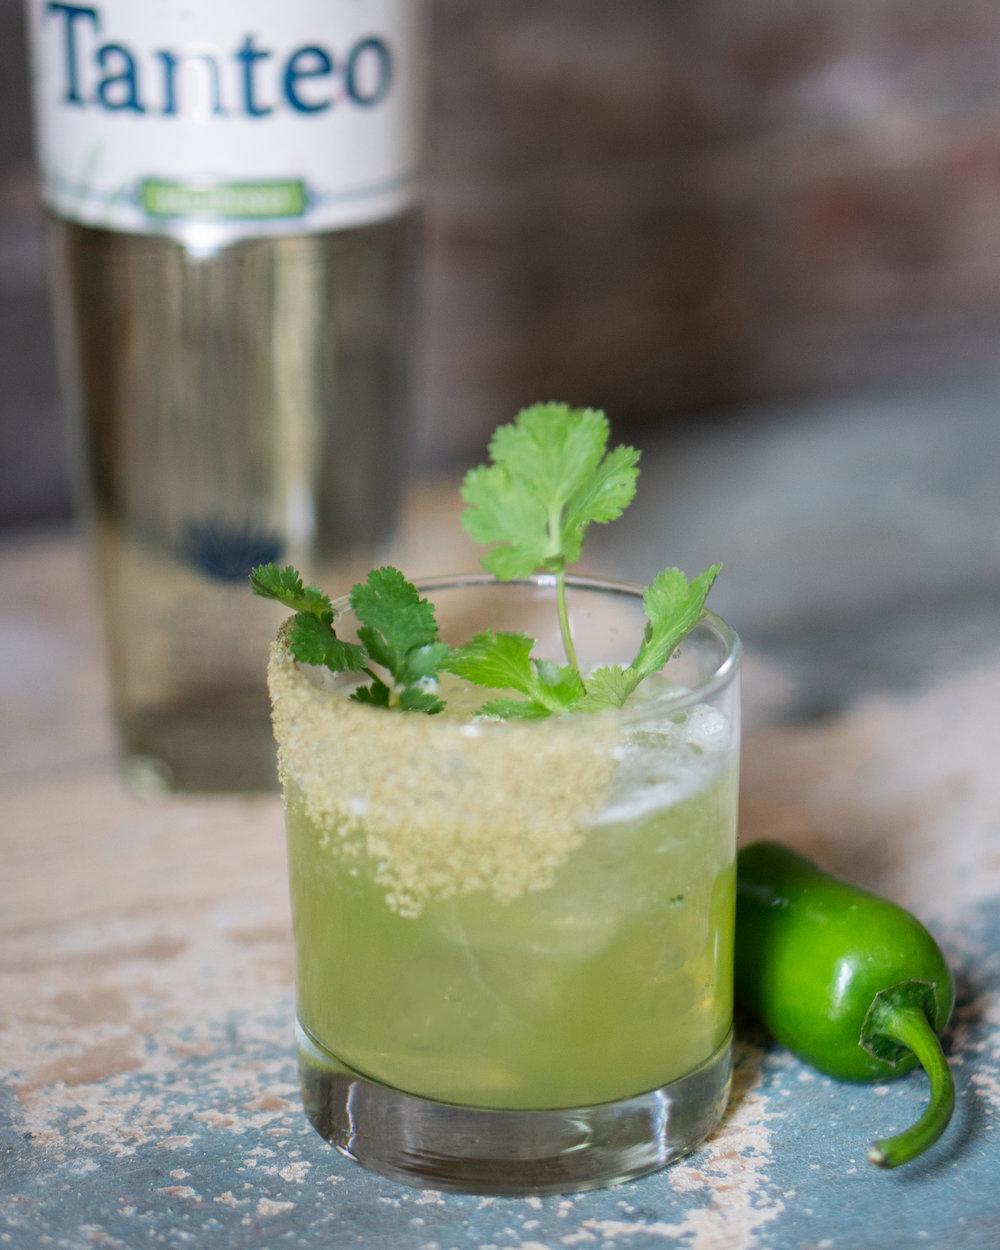 Recipe:    2 oz. Tanteo Jalapeño Tequila    1 oz. Fresh Lime Juice    ¾ oz. Agave Nectar    ½ oz. Muddled Cilantro & Jalapeño Peppers    Rimmed with Tanteo Jalapeño Salt